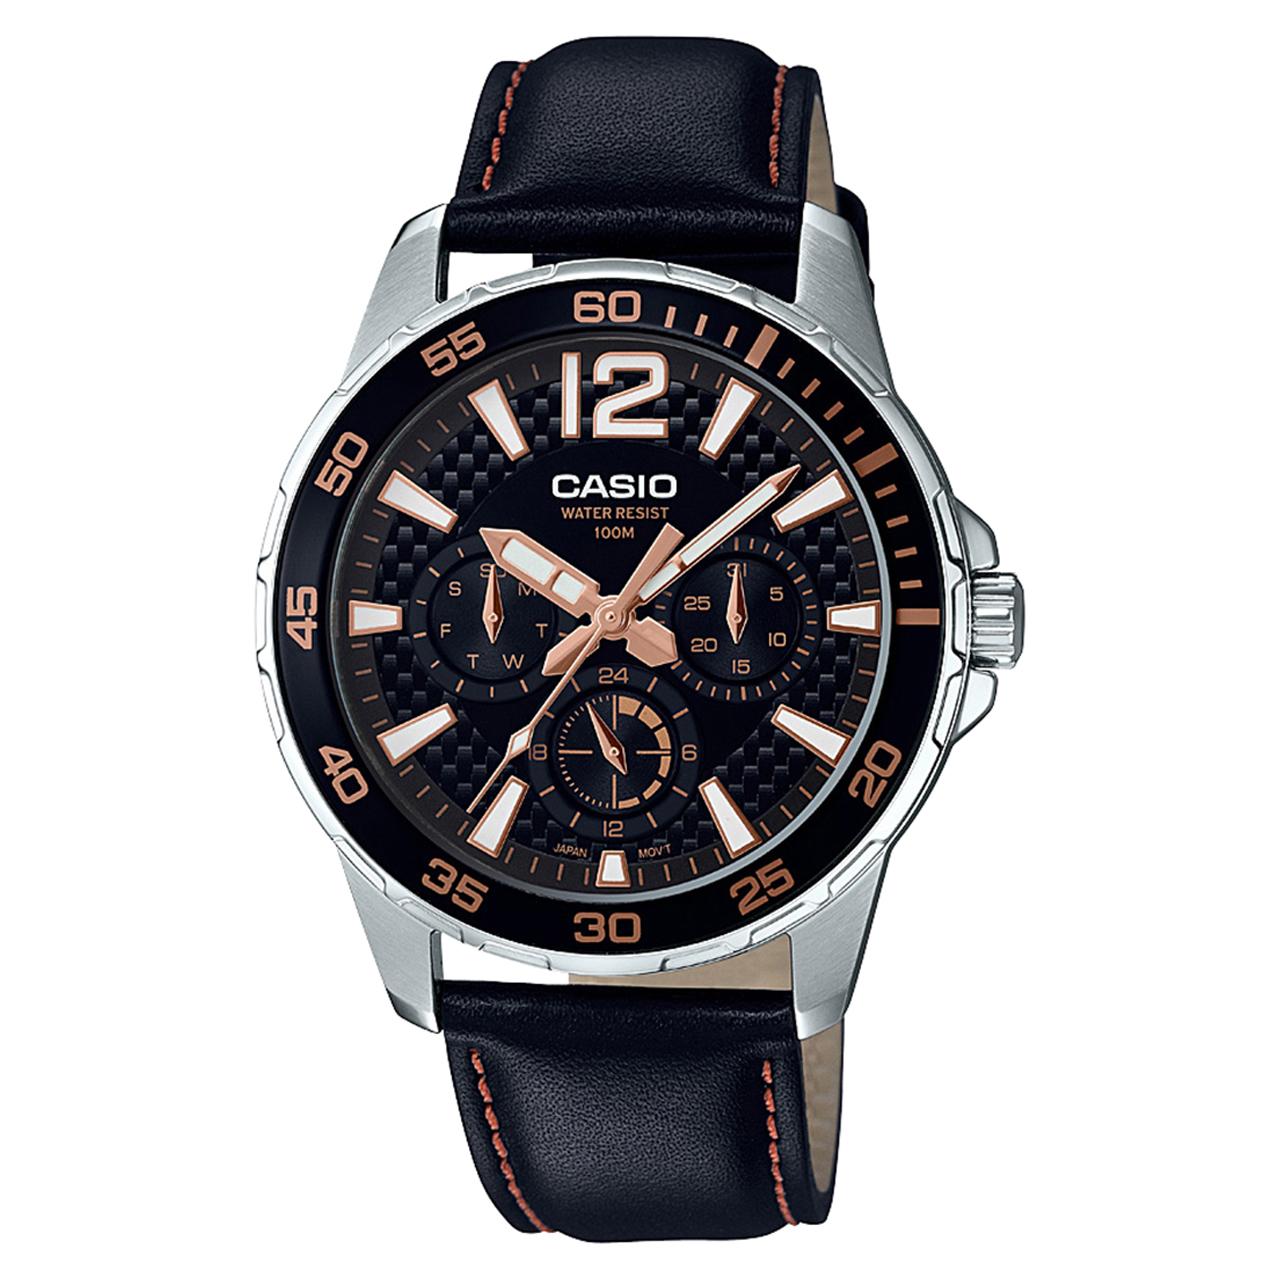 ساعت مچی عقربه ای مردانه کاسیو مدل MTD-330L-1A3VDF              خرید (⭐️⭐️⭐️)